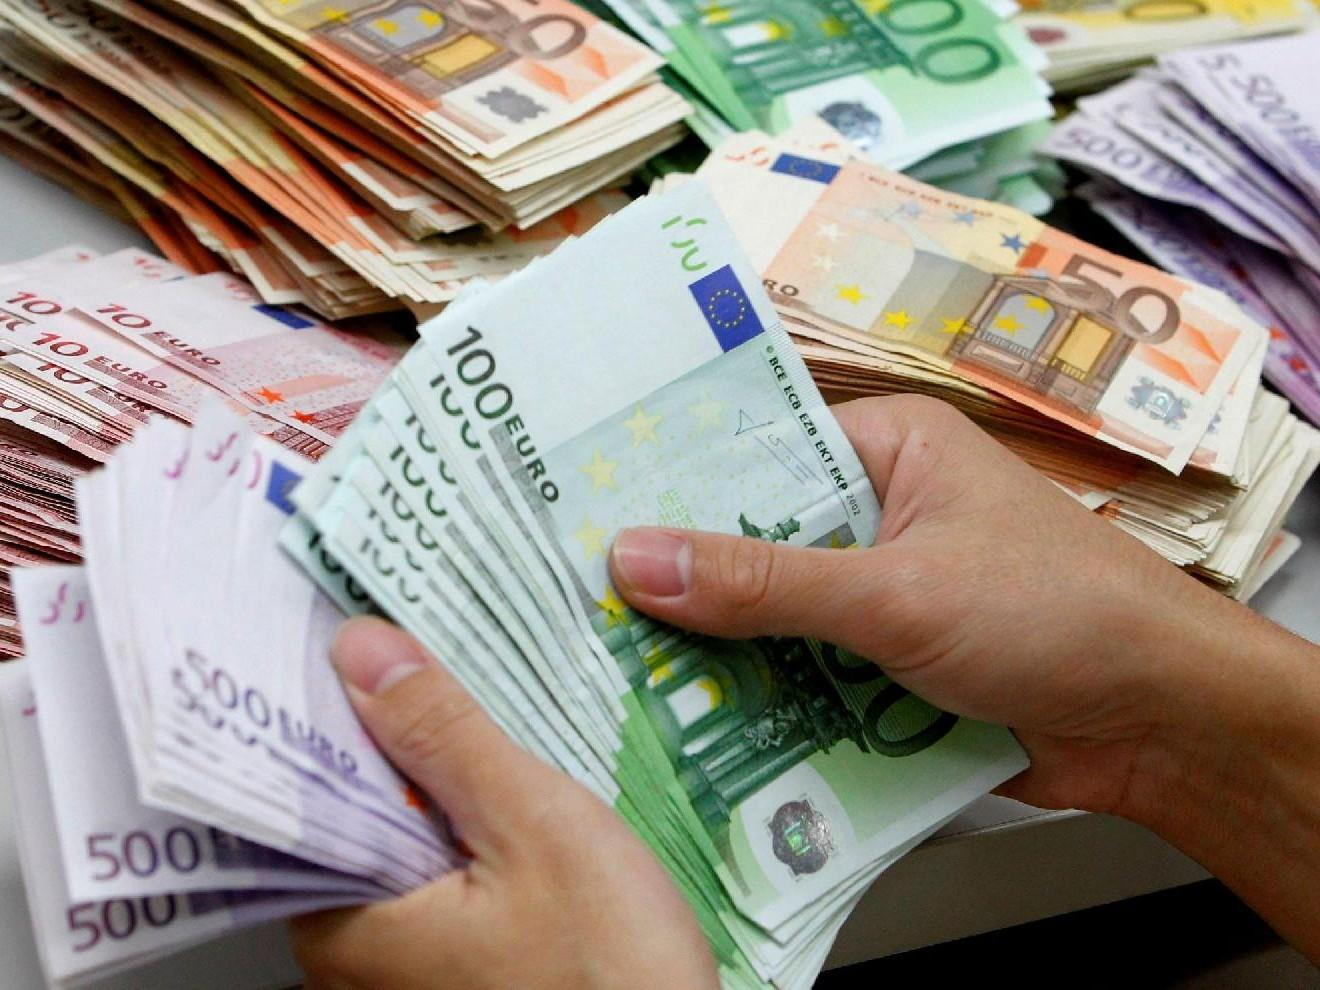 I bonifici istantanei? Falsa partenza Le banche sono in ritardo